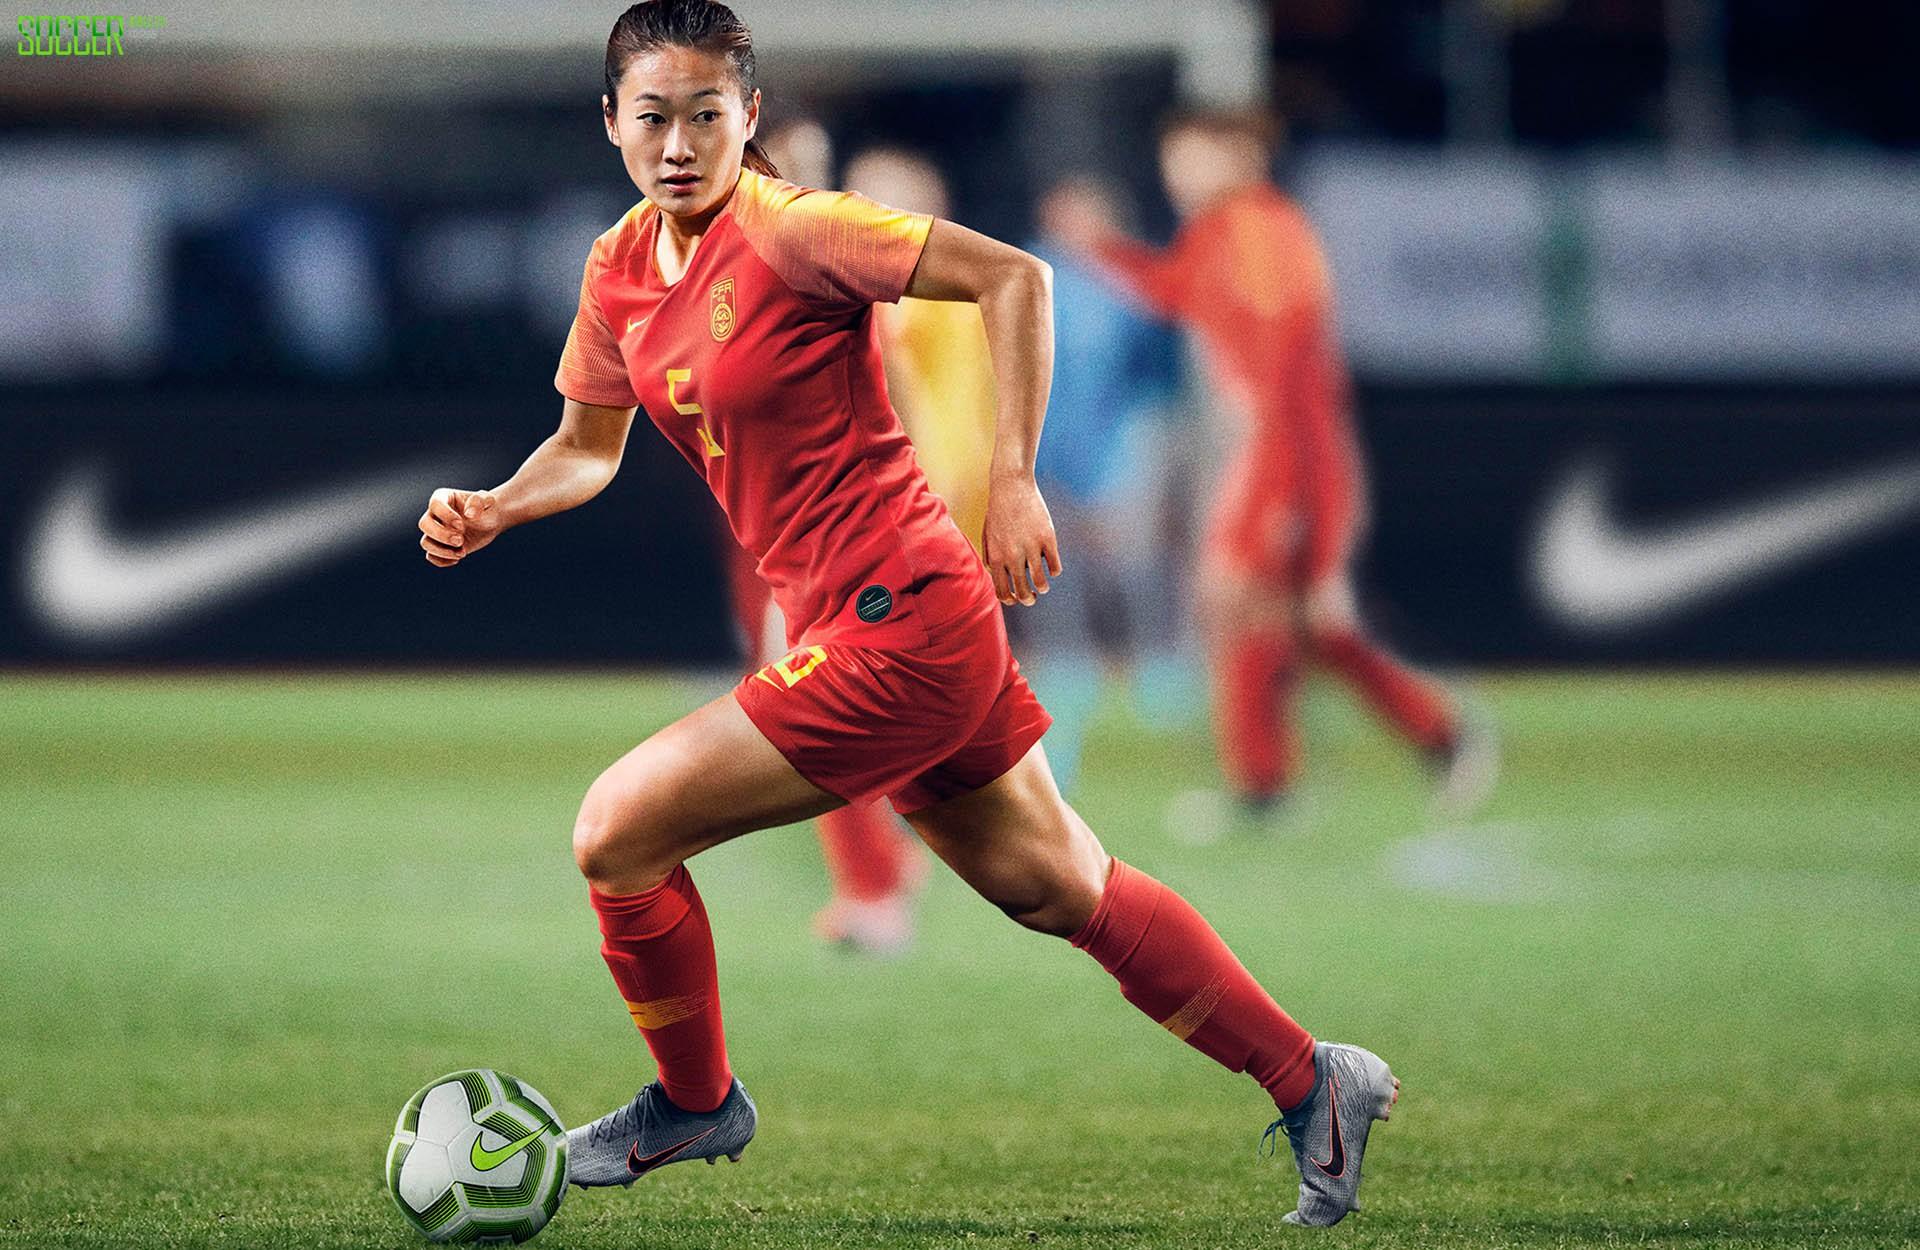 穿球衣的女孩最美 耐克在巴黎为14支国家队发布全新战袍